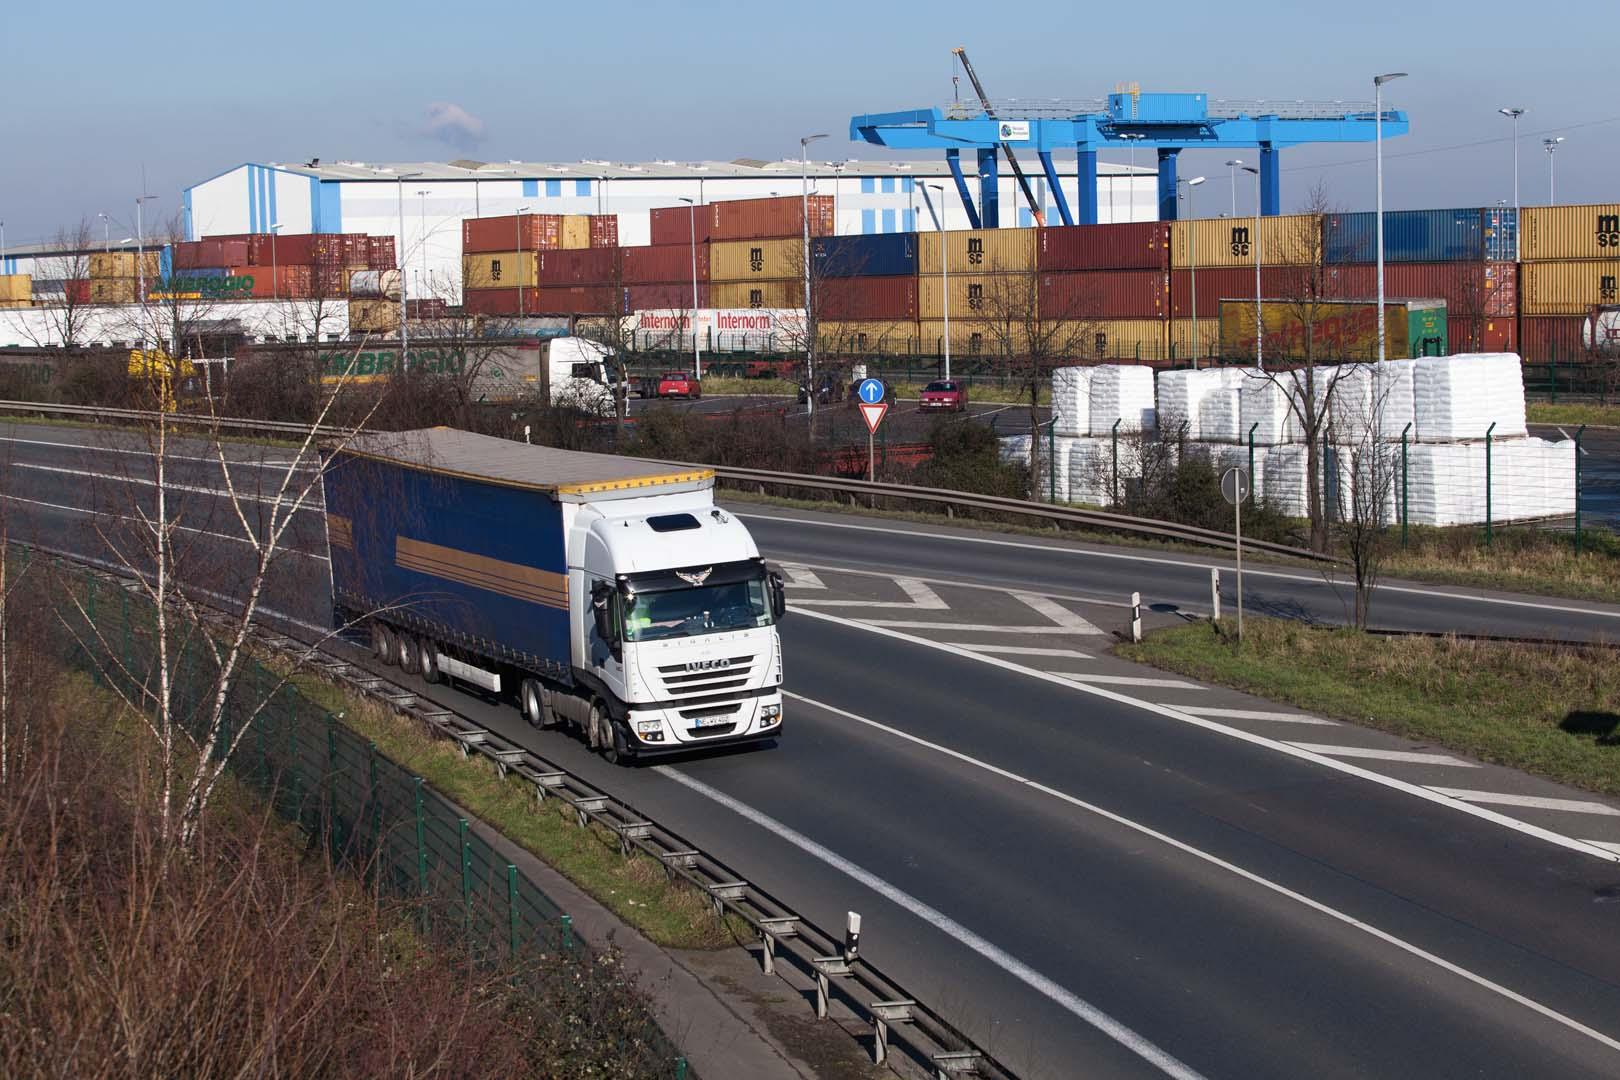 Ferrobonus e Marebonus: dalla Commissione UE via libera agli incentivi per il trasporto merci combinato